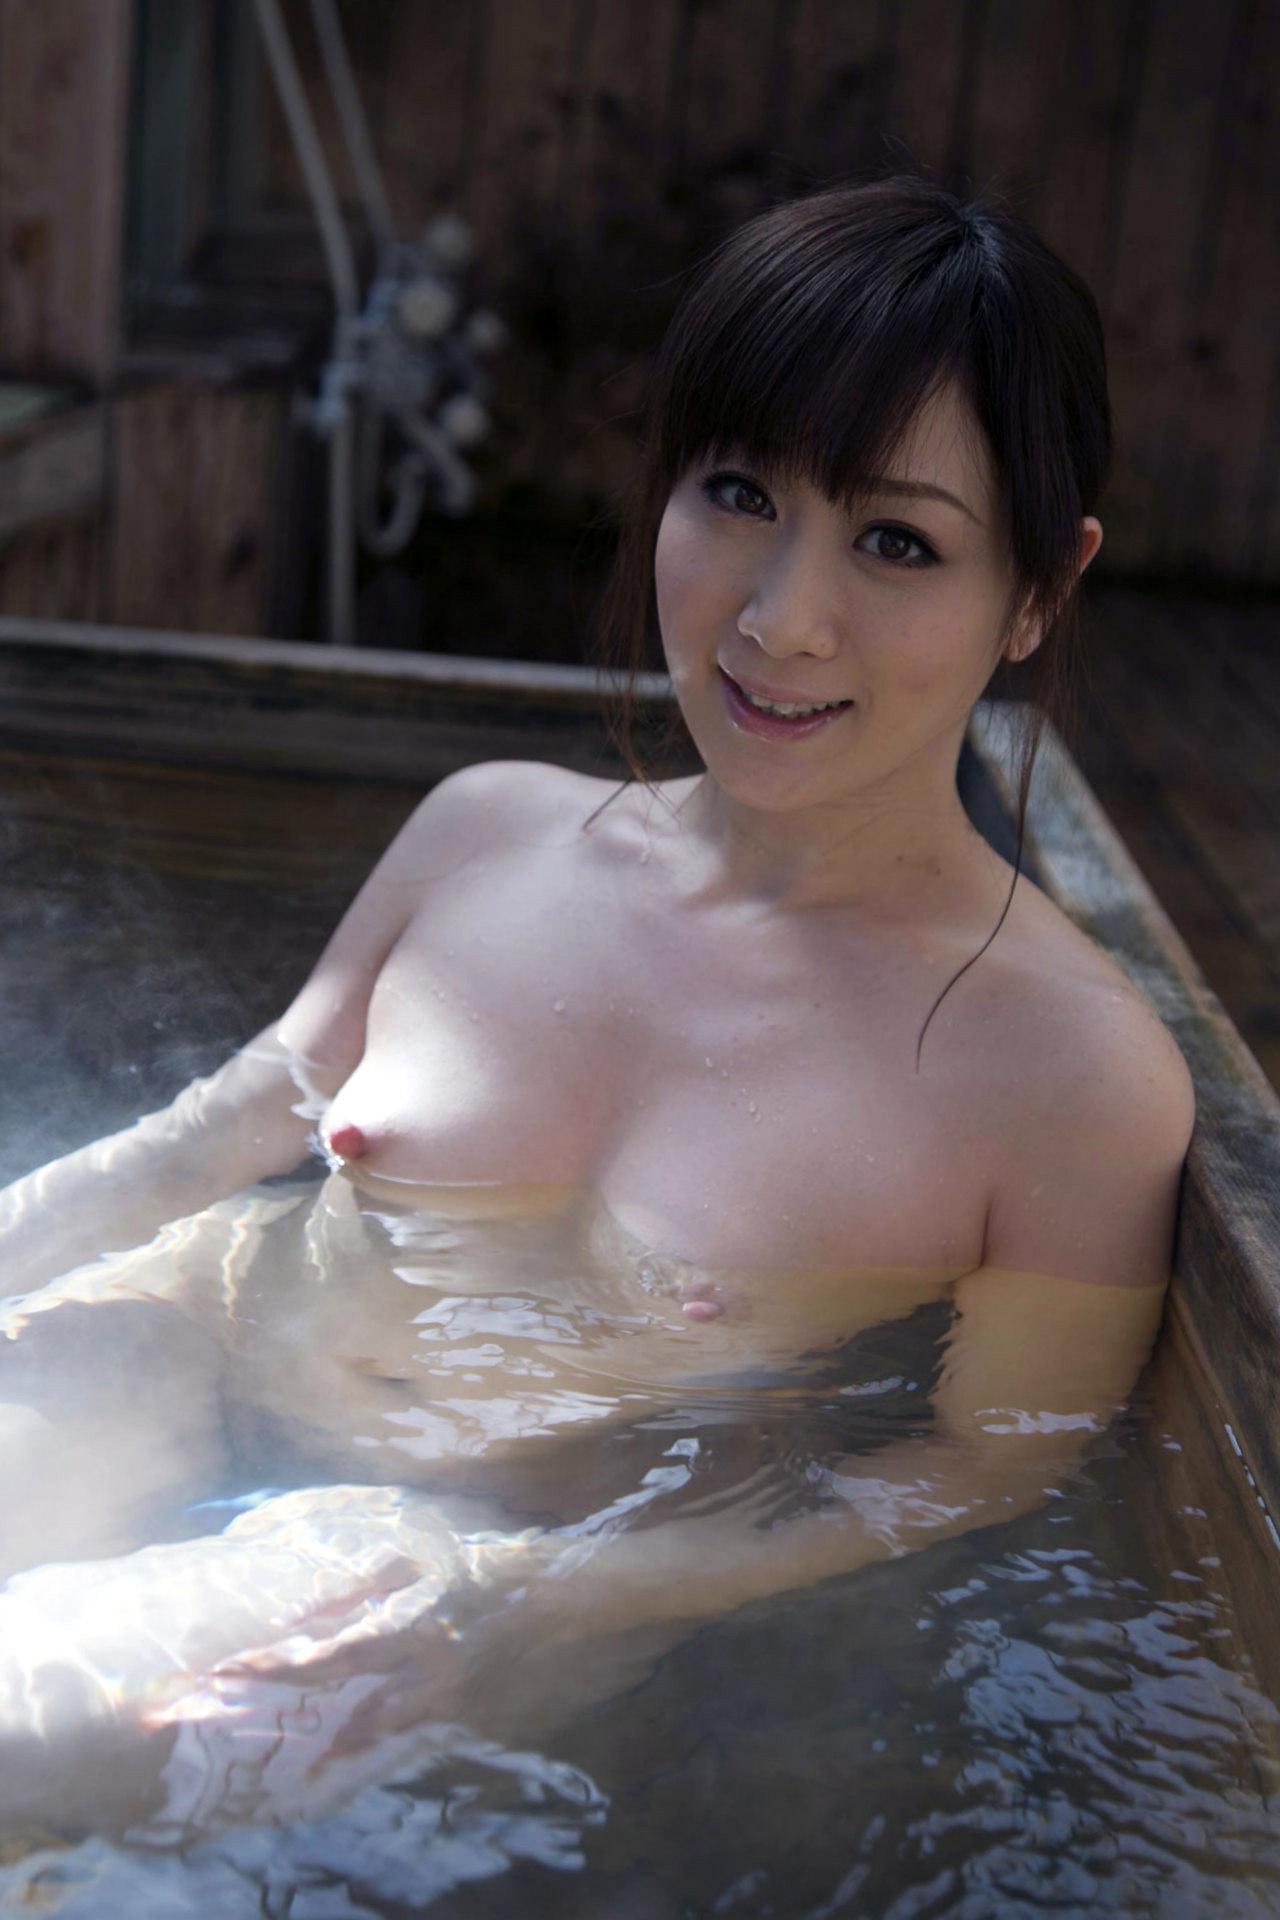 【おっぱい】シャワーでキレイになった美乳を舐め回してベトベトにしたい!【70枚】 18